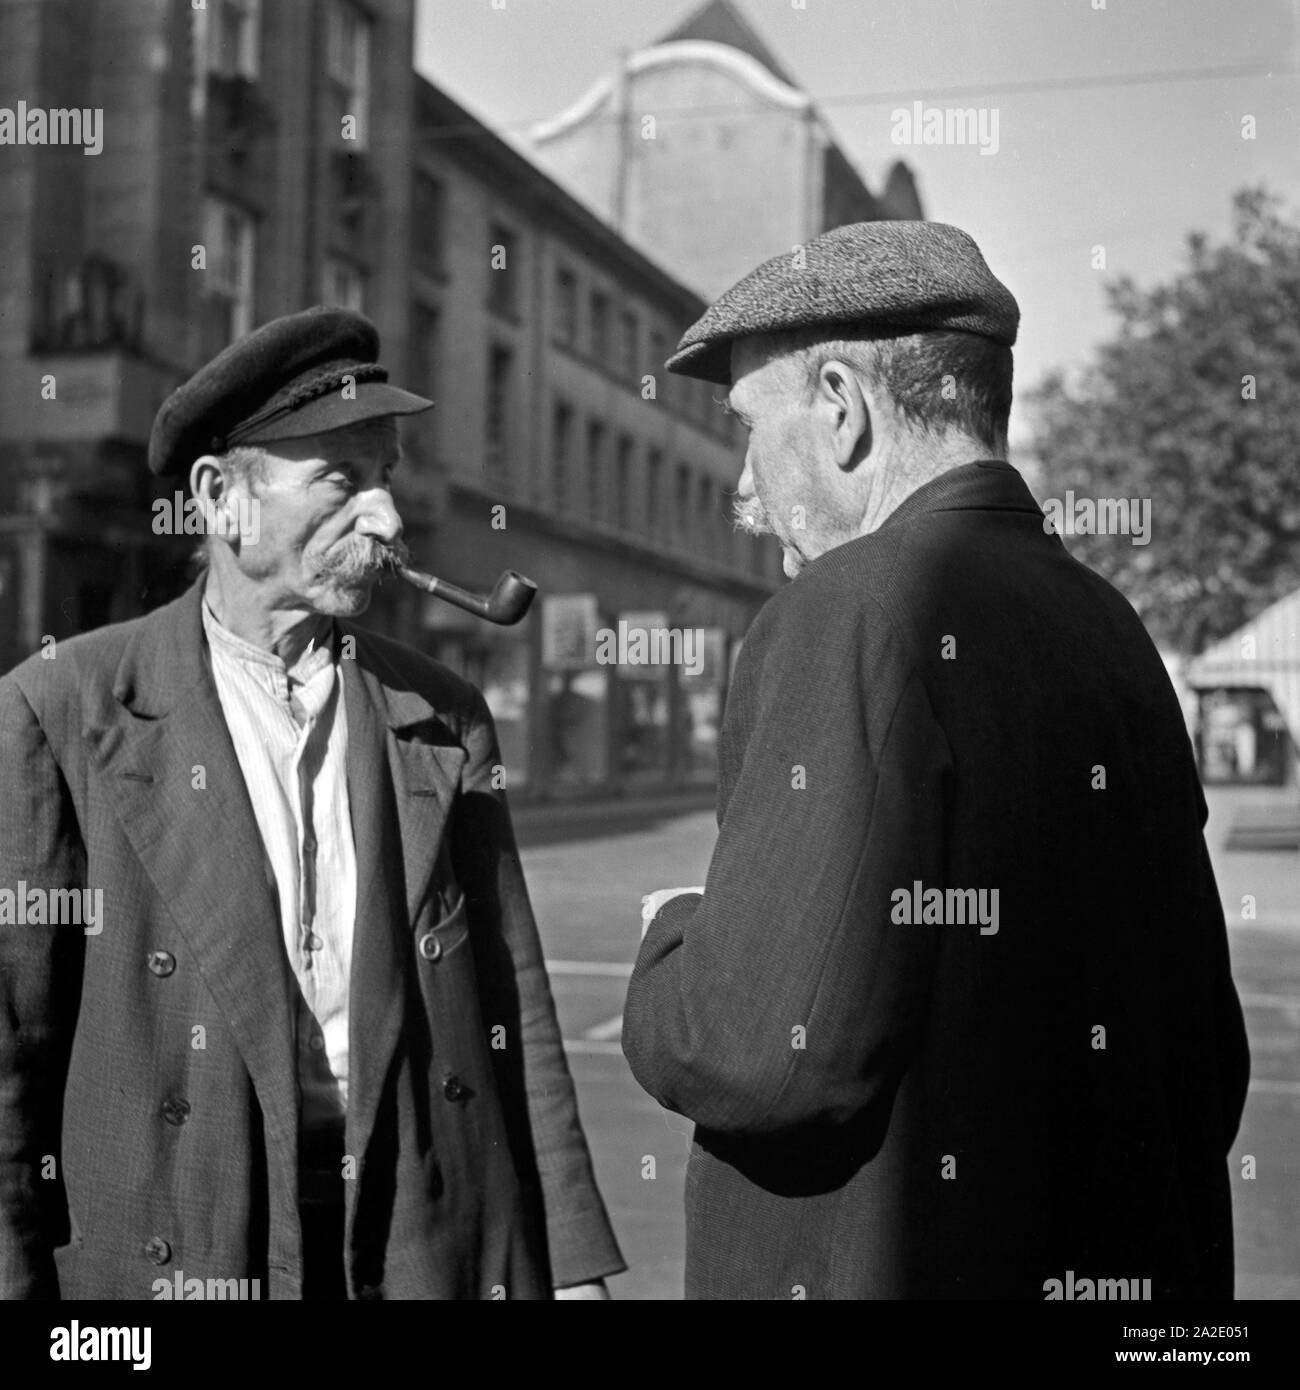 Zwei alte Herren bei einer Unterhaltung in Düsseldorf, Deutschland 1930er Jahre. Two elder men having a chat at Duesseldorf, Germany 1930s. Stock Photo